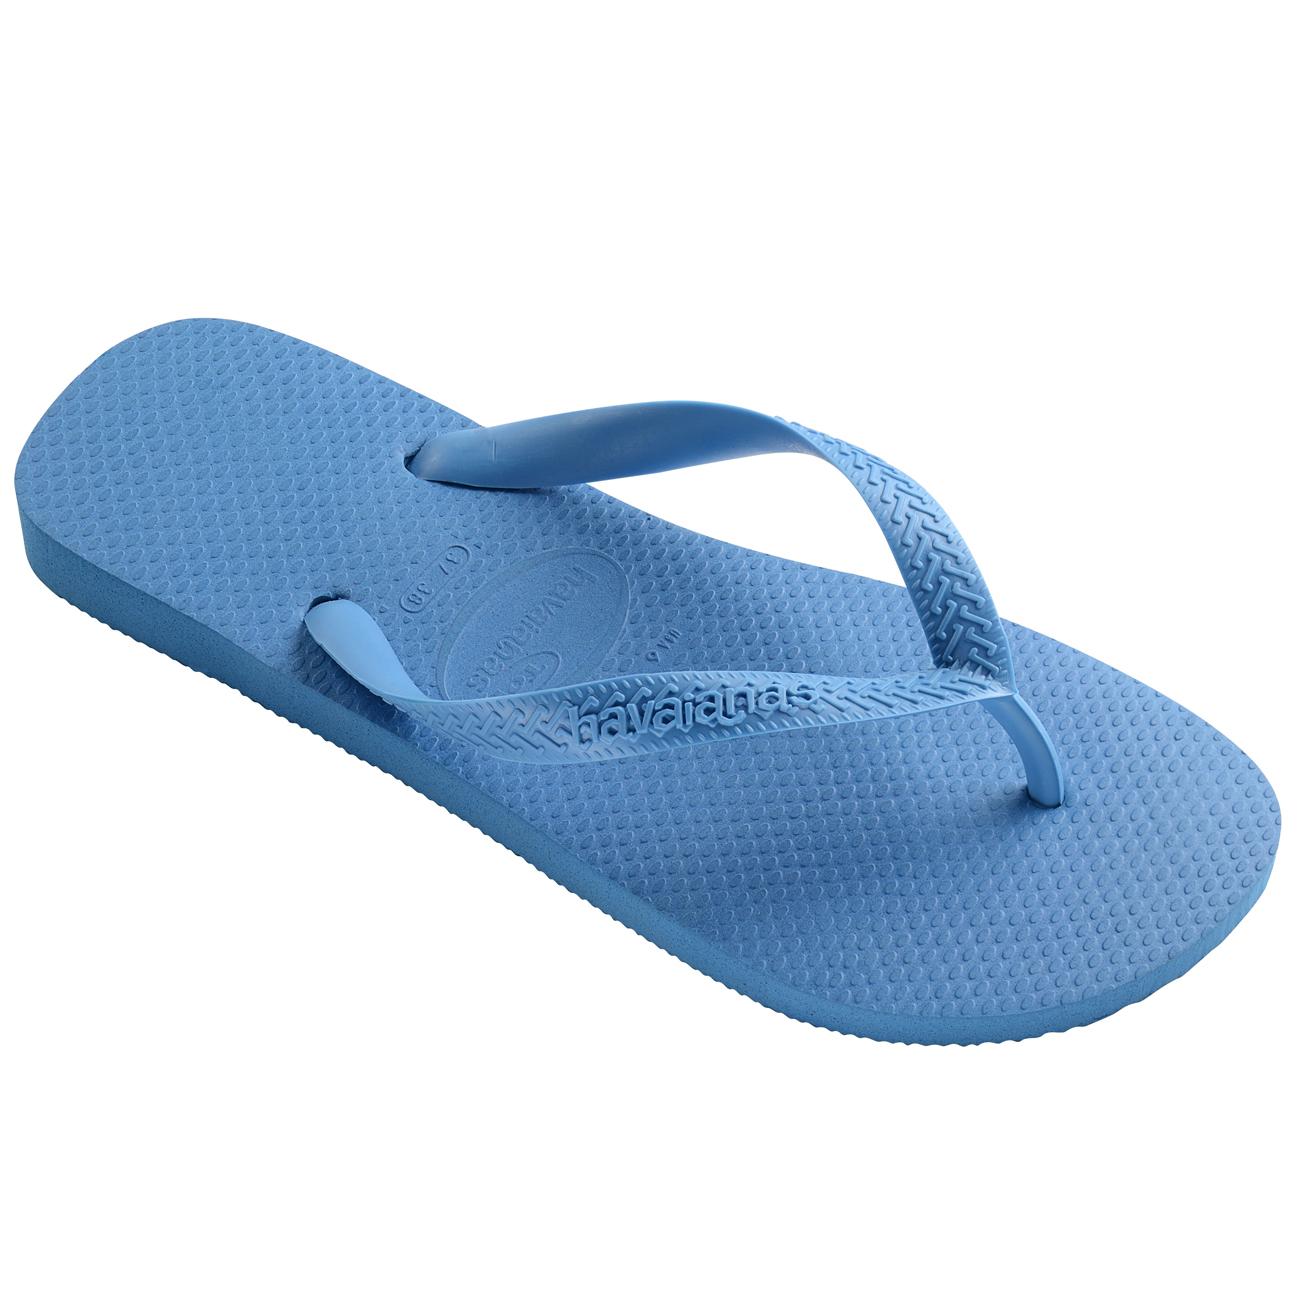 Havaianas Damen Top Gummi Leicht Strand Urlaub Lässig Sandale Flip-Flop - Schockierend Rosa - 37/38 2Cx95Gftxh